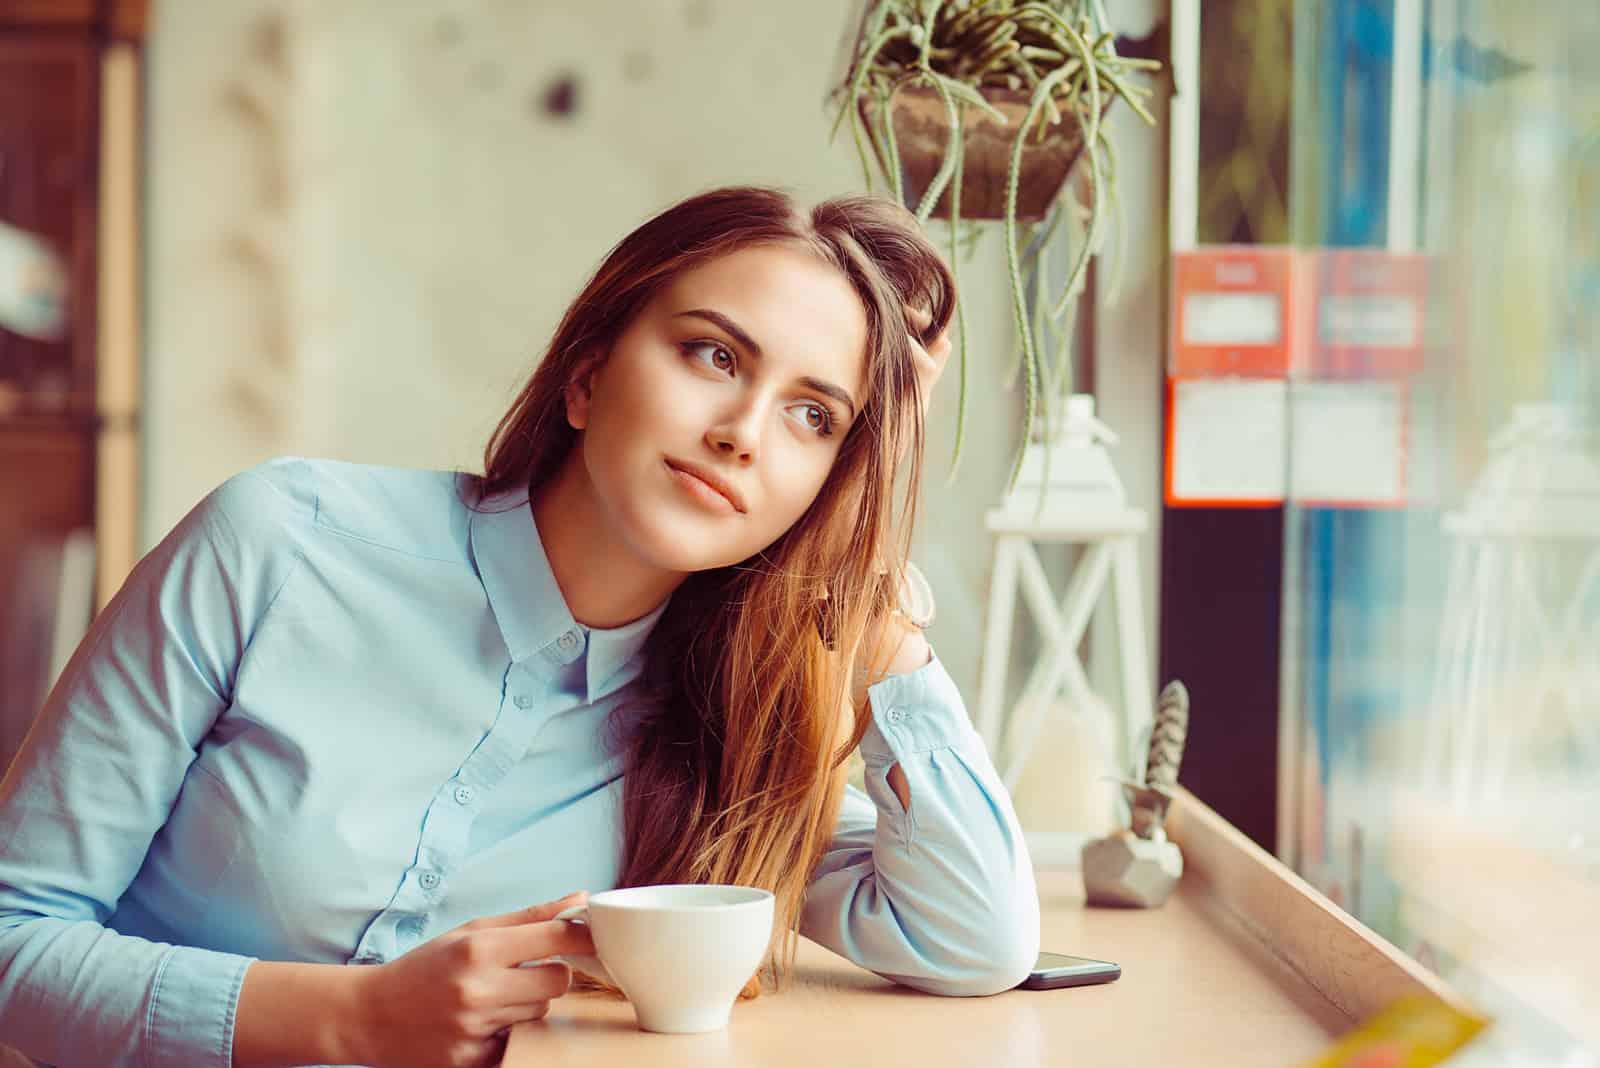 une femme imaginaire est assise dans un café à une table et boit du café